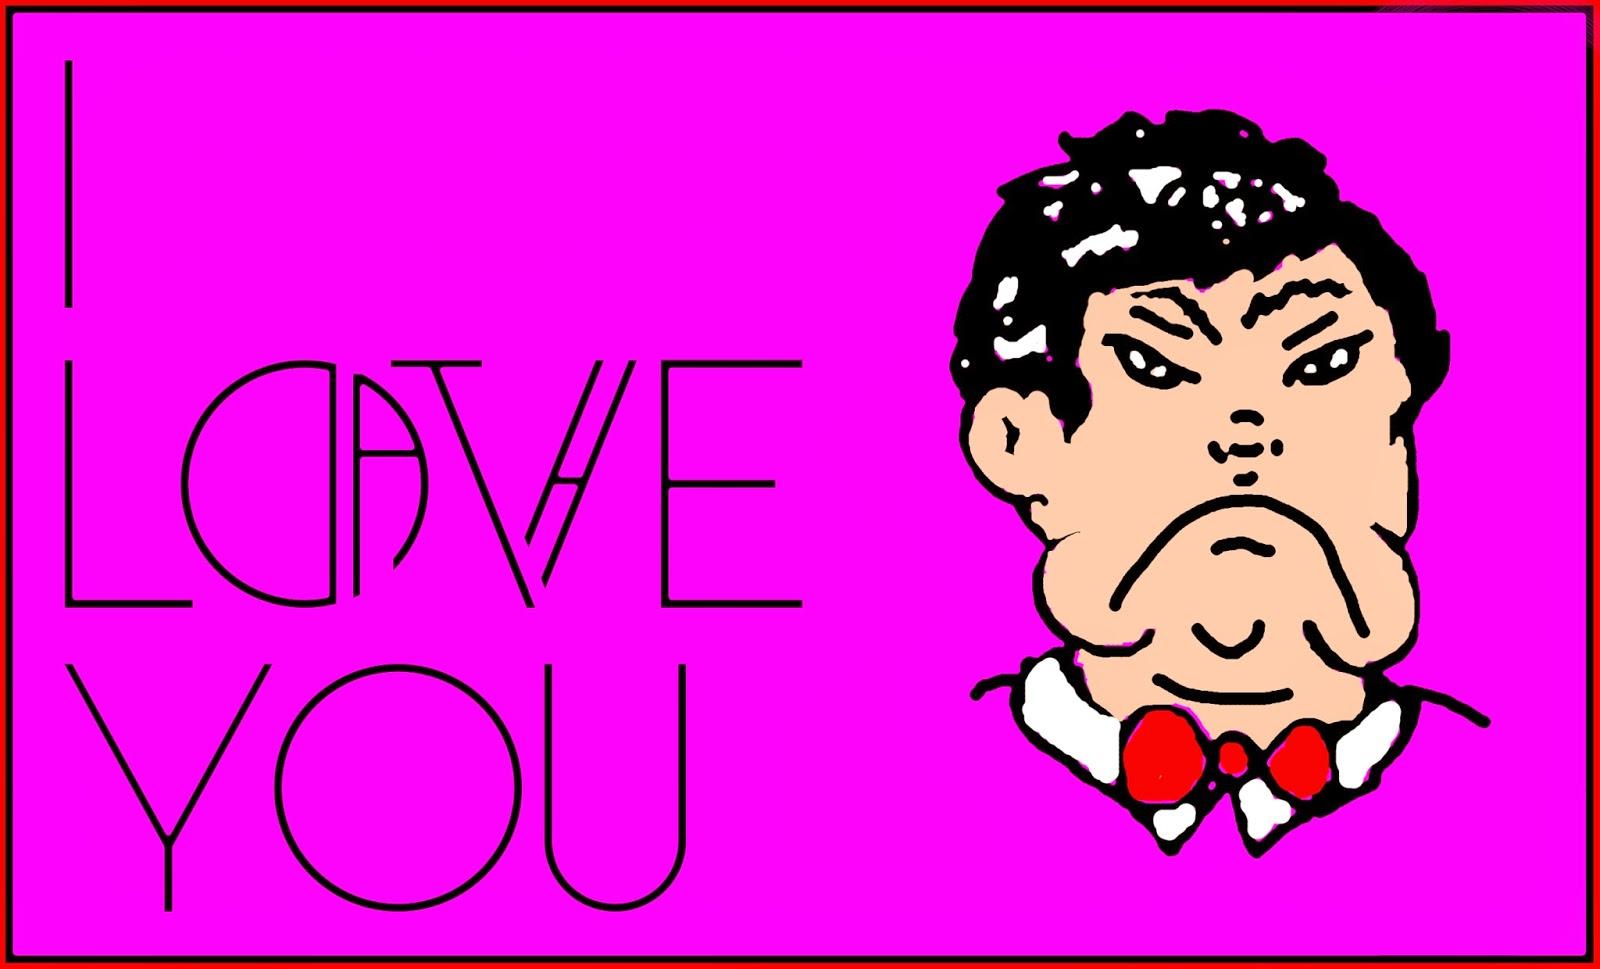 i+loathe+you.bmp